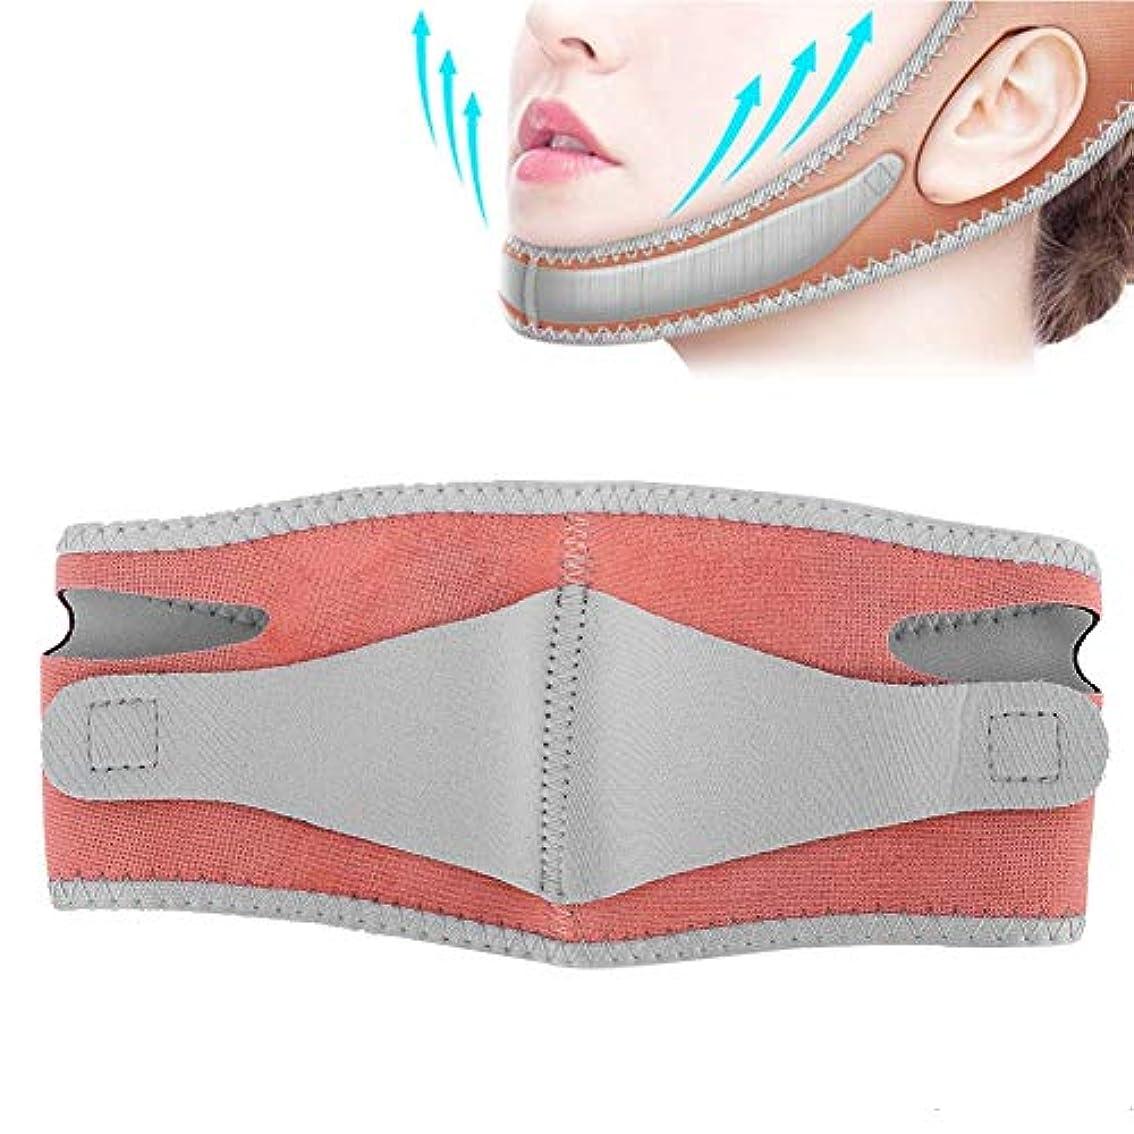 クリエイティブカップひねり薄い顔包帯顔、Vフェイスラインスリムダブルチンチークスリムリフトアップ引き締まった肌防止マスクあなたが顔の肌を引き締めるのに役立ちます